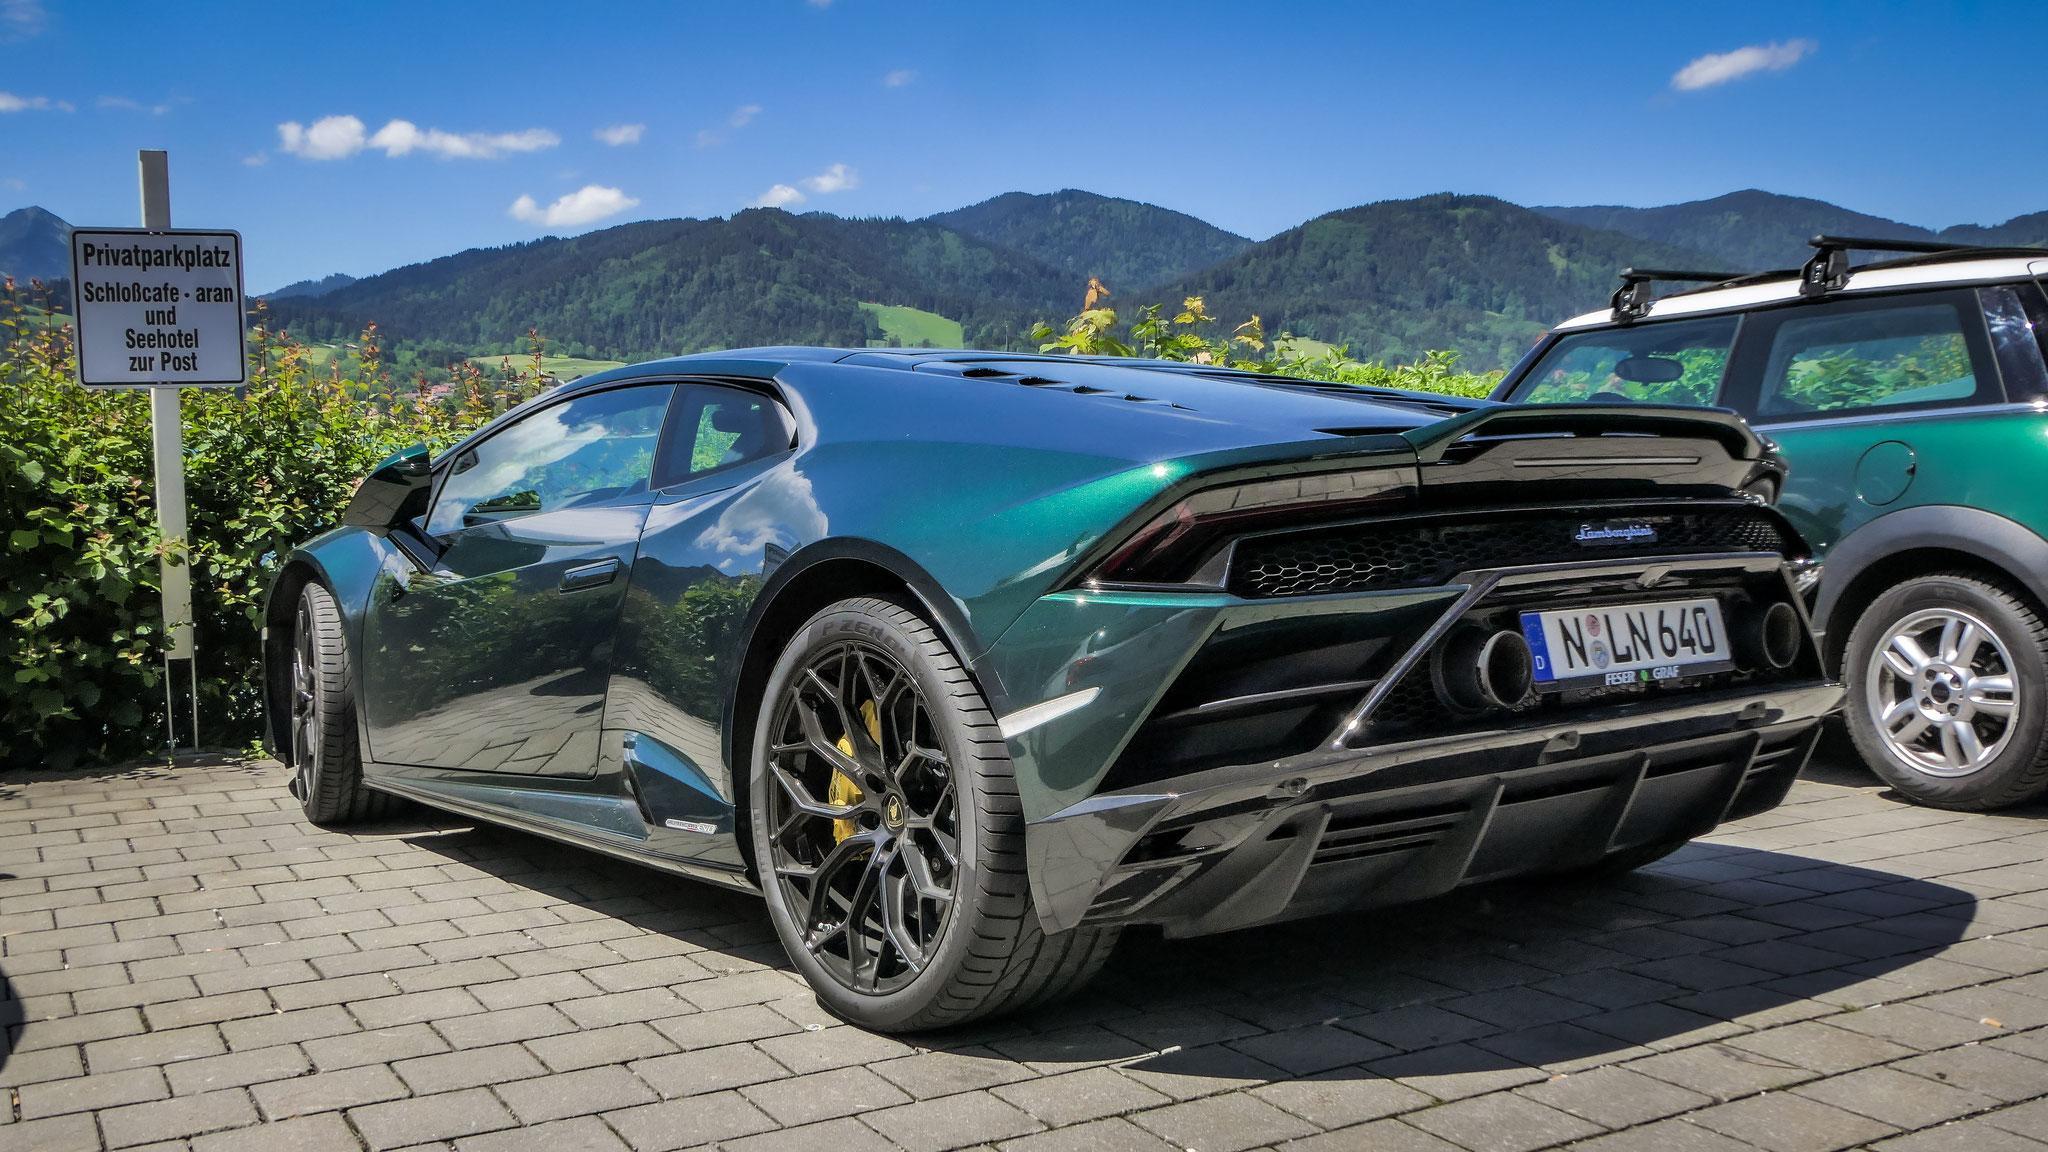 Lamborghini Huracan Evo - N-LN-640